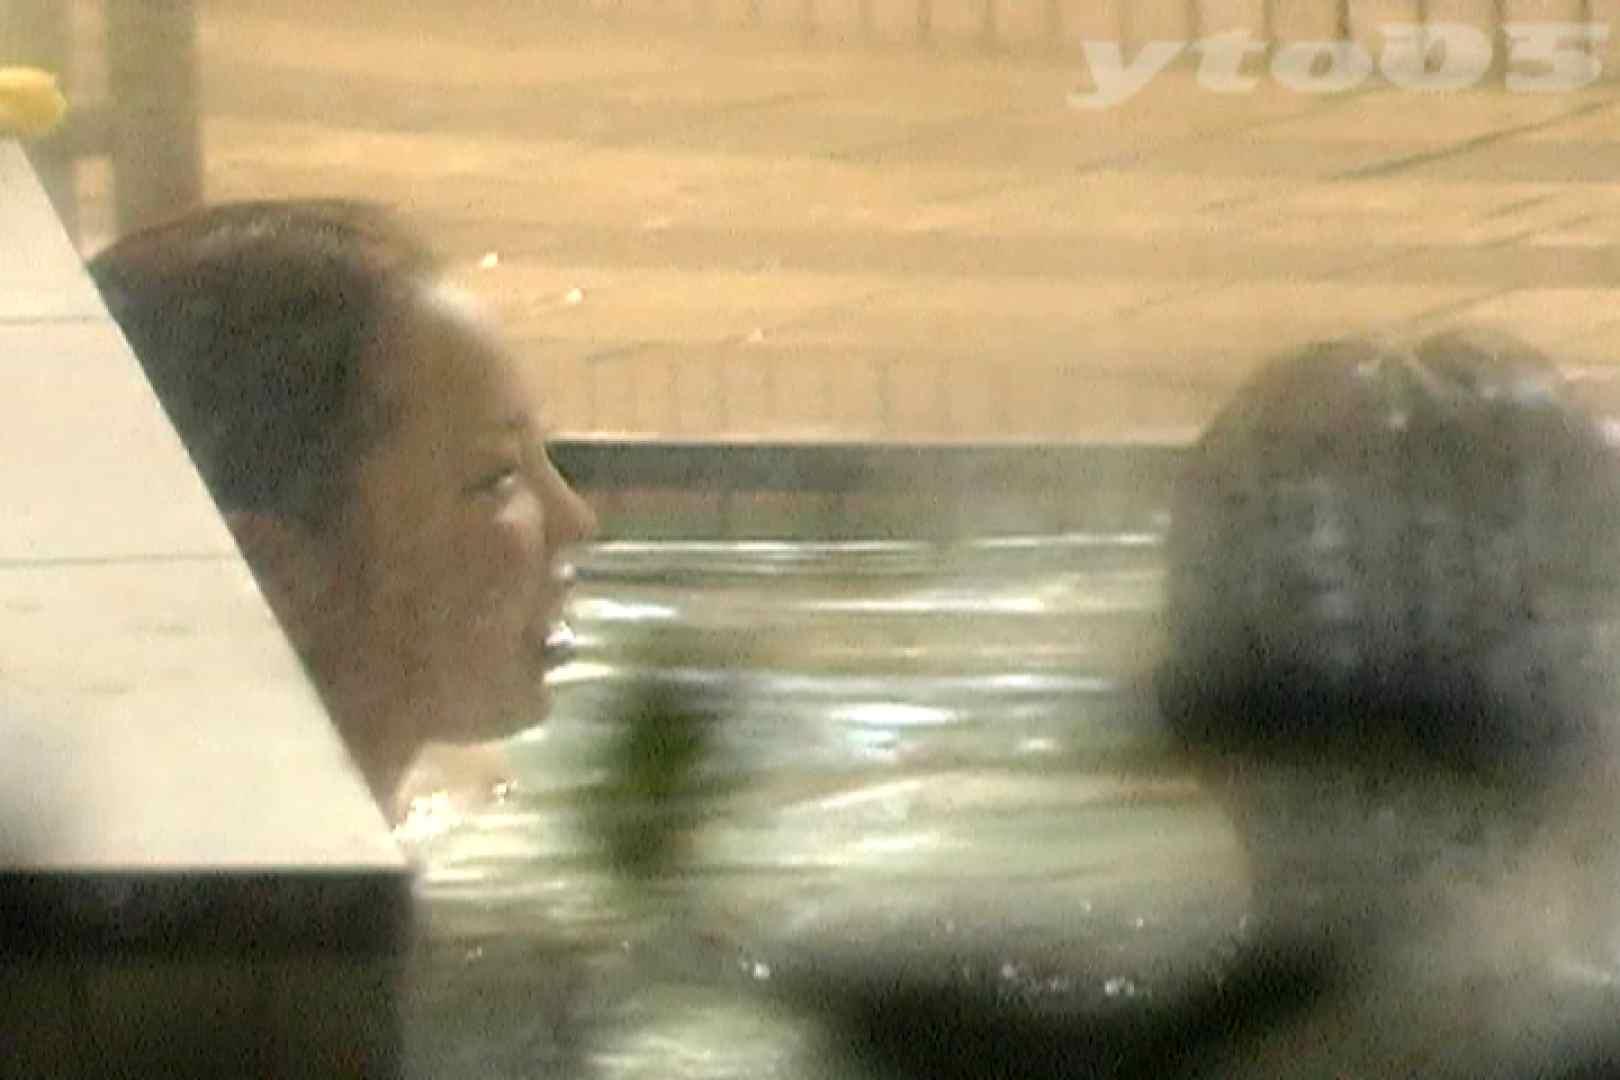 ▲復活限定▲合宿ホテル女風呂盗撮 Vol.30 期間限定シリーズ ワレメ無修正動画無料 77画像 21